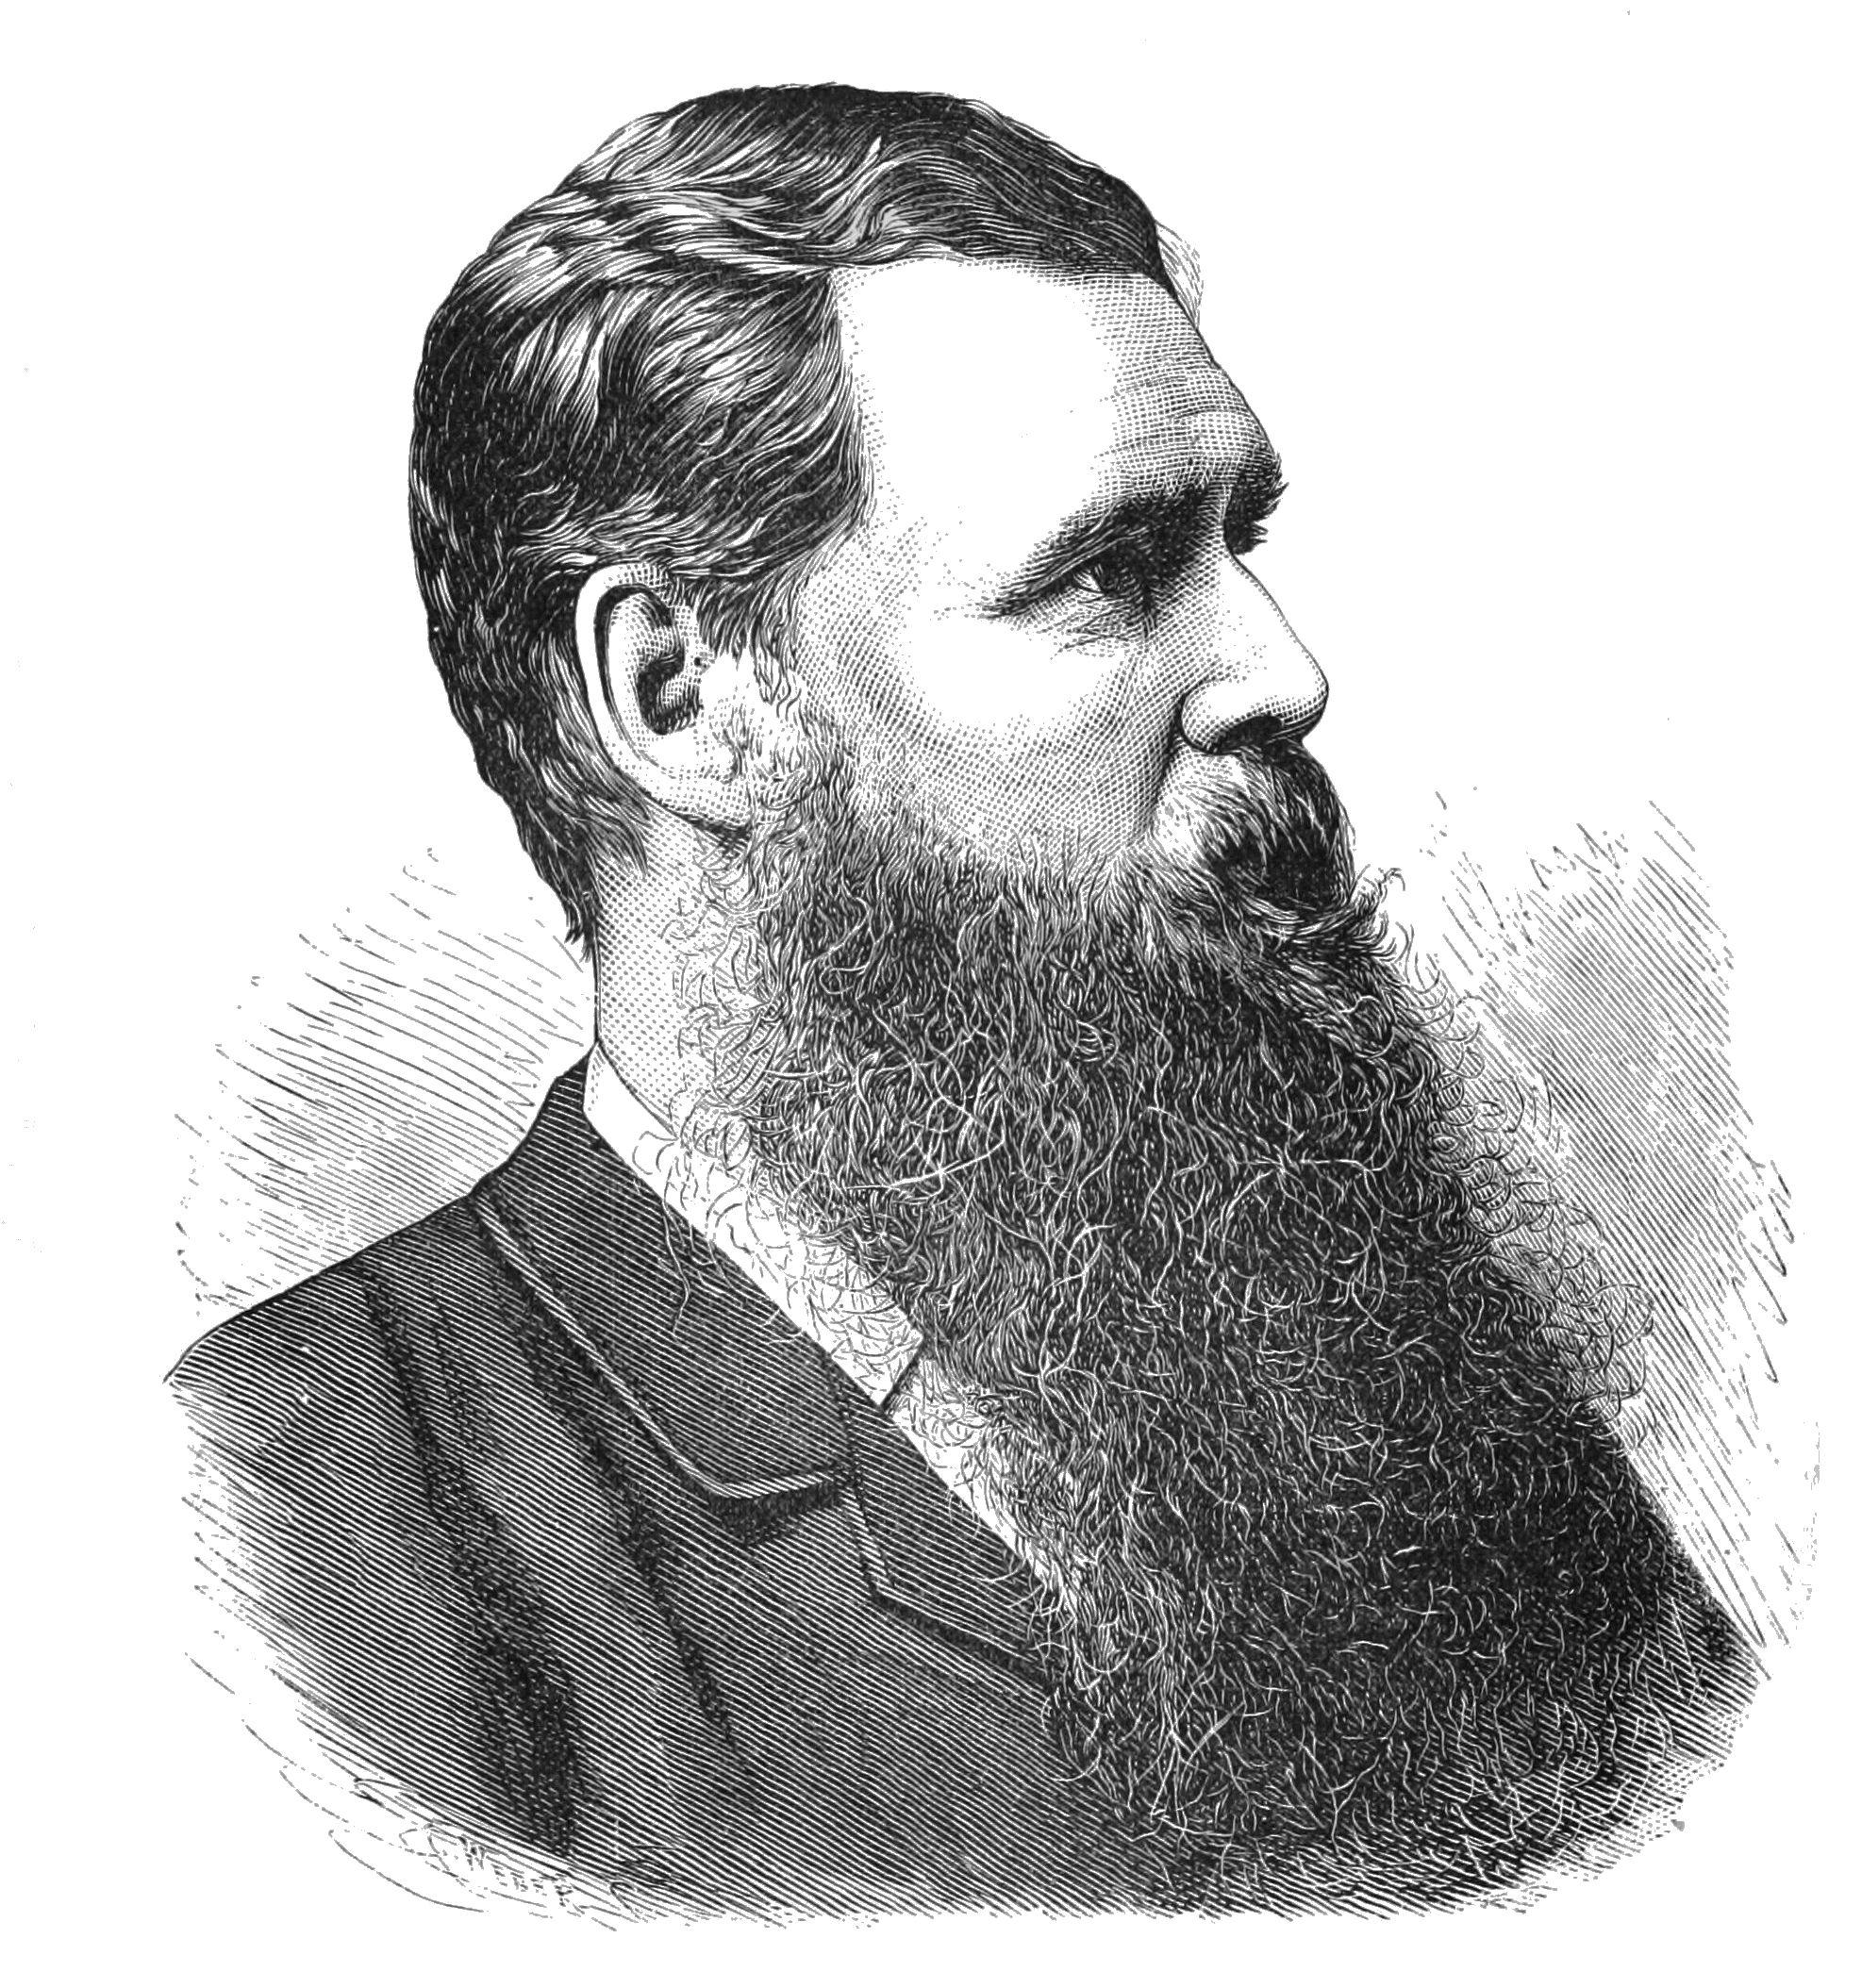 """""""La història ens mostra com les arts, les ciències i les institucions polítiques, a partir dels estats més rudimentaris, es van convertint en el curs de les edats, més intel·ligents, més sistemàtiques, més perfectament organitzats, per a respondre als seus propòsits."""" Edward Burnett Tylor, 1881"""